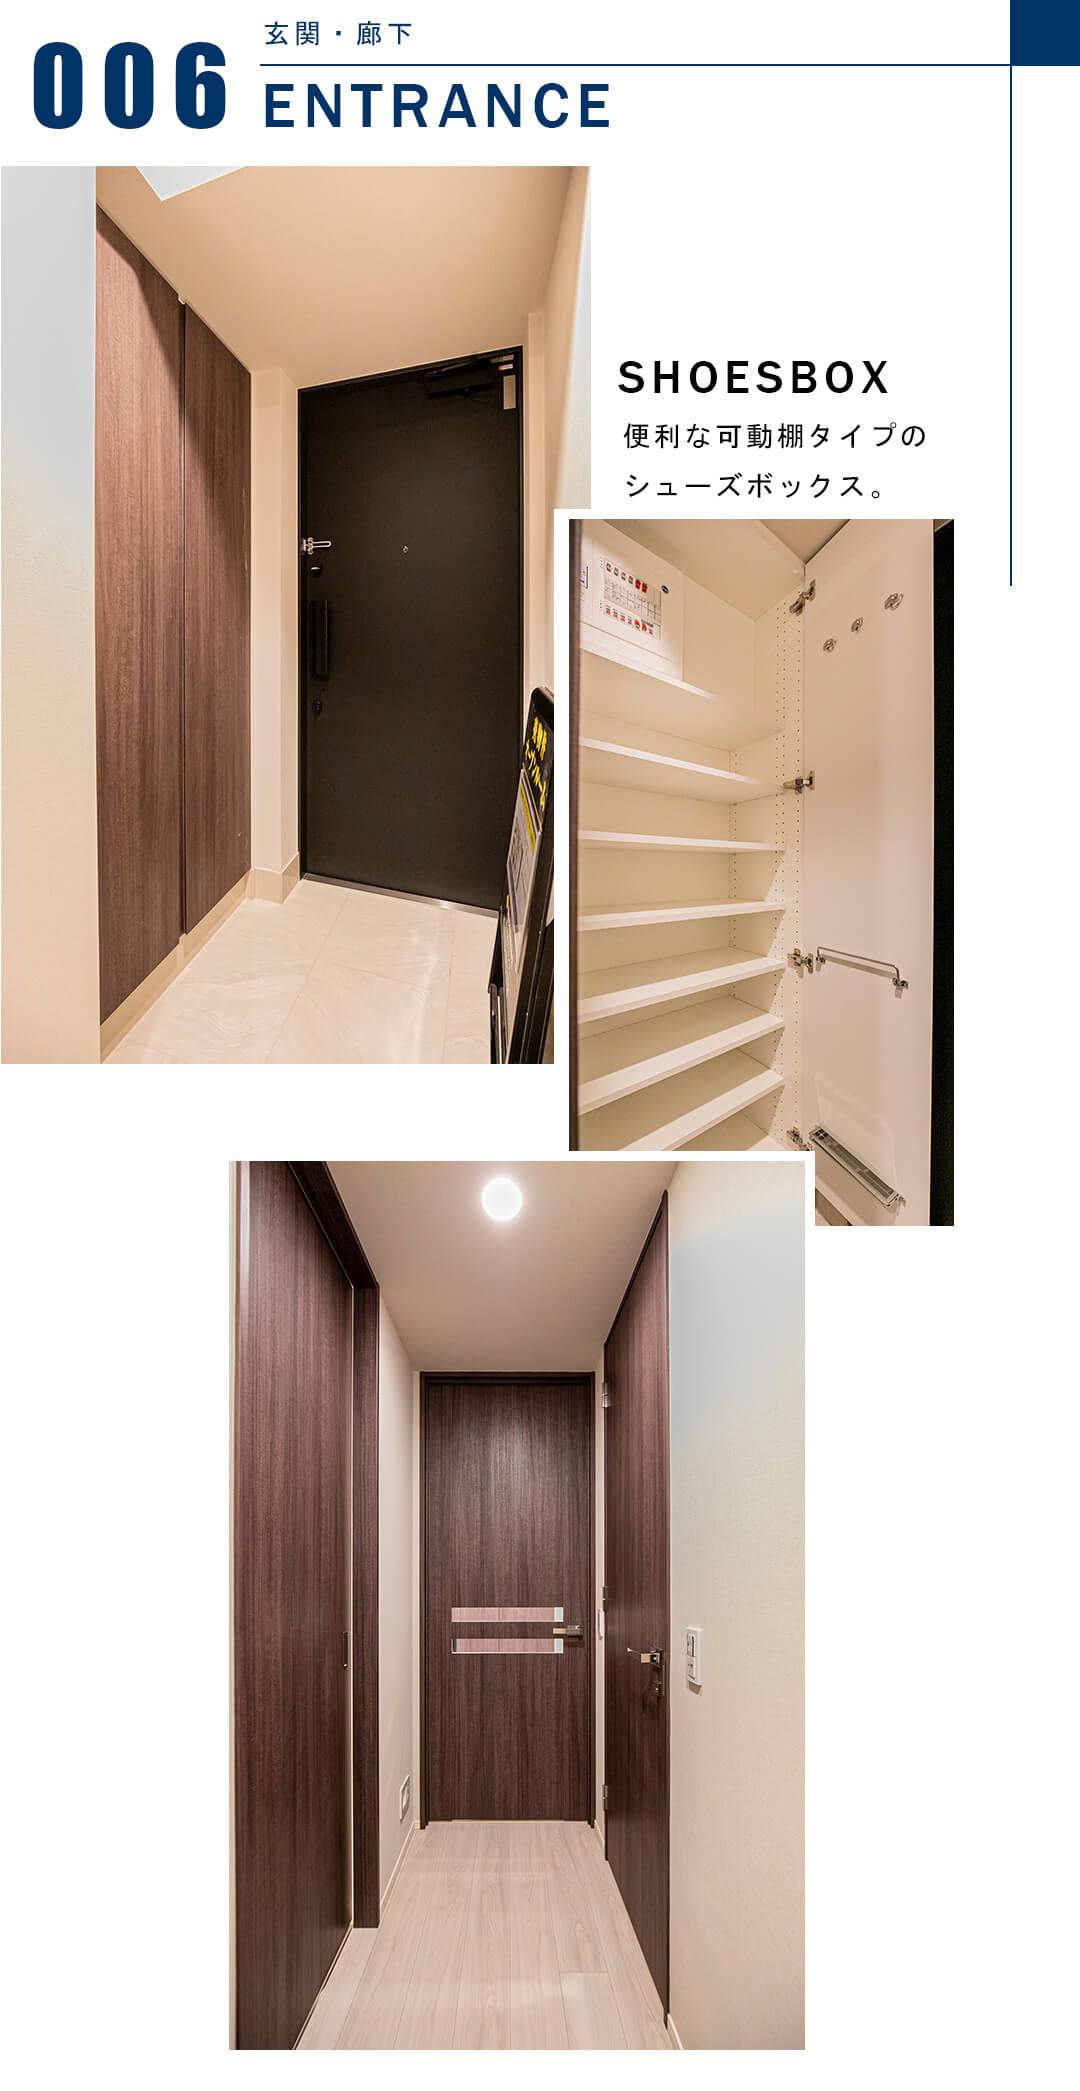 ザ・パークハウスアーバンス渋谷の玄関と廊下